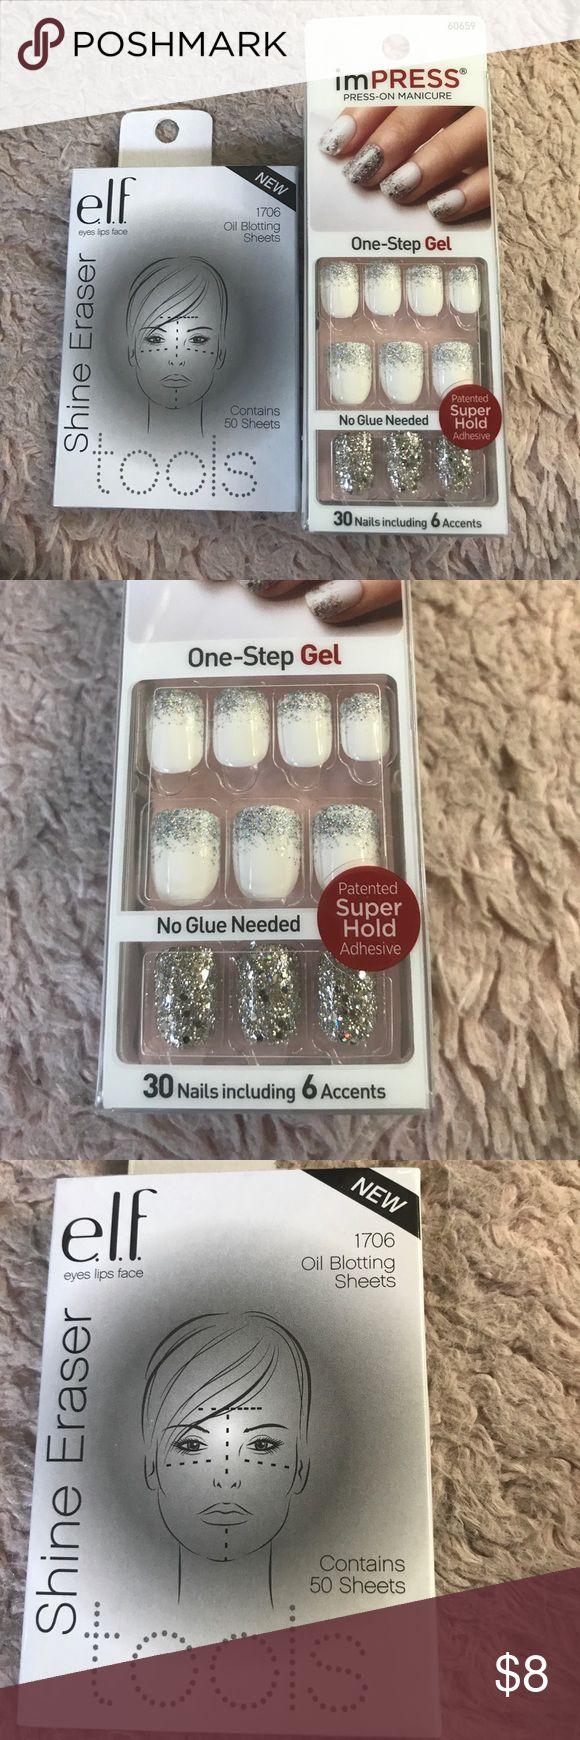 Beauty Bundle NWT - Impress 1 -Step Gel Nails and ELF Oil blotting sheets for face Impress Makeup Face Primer